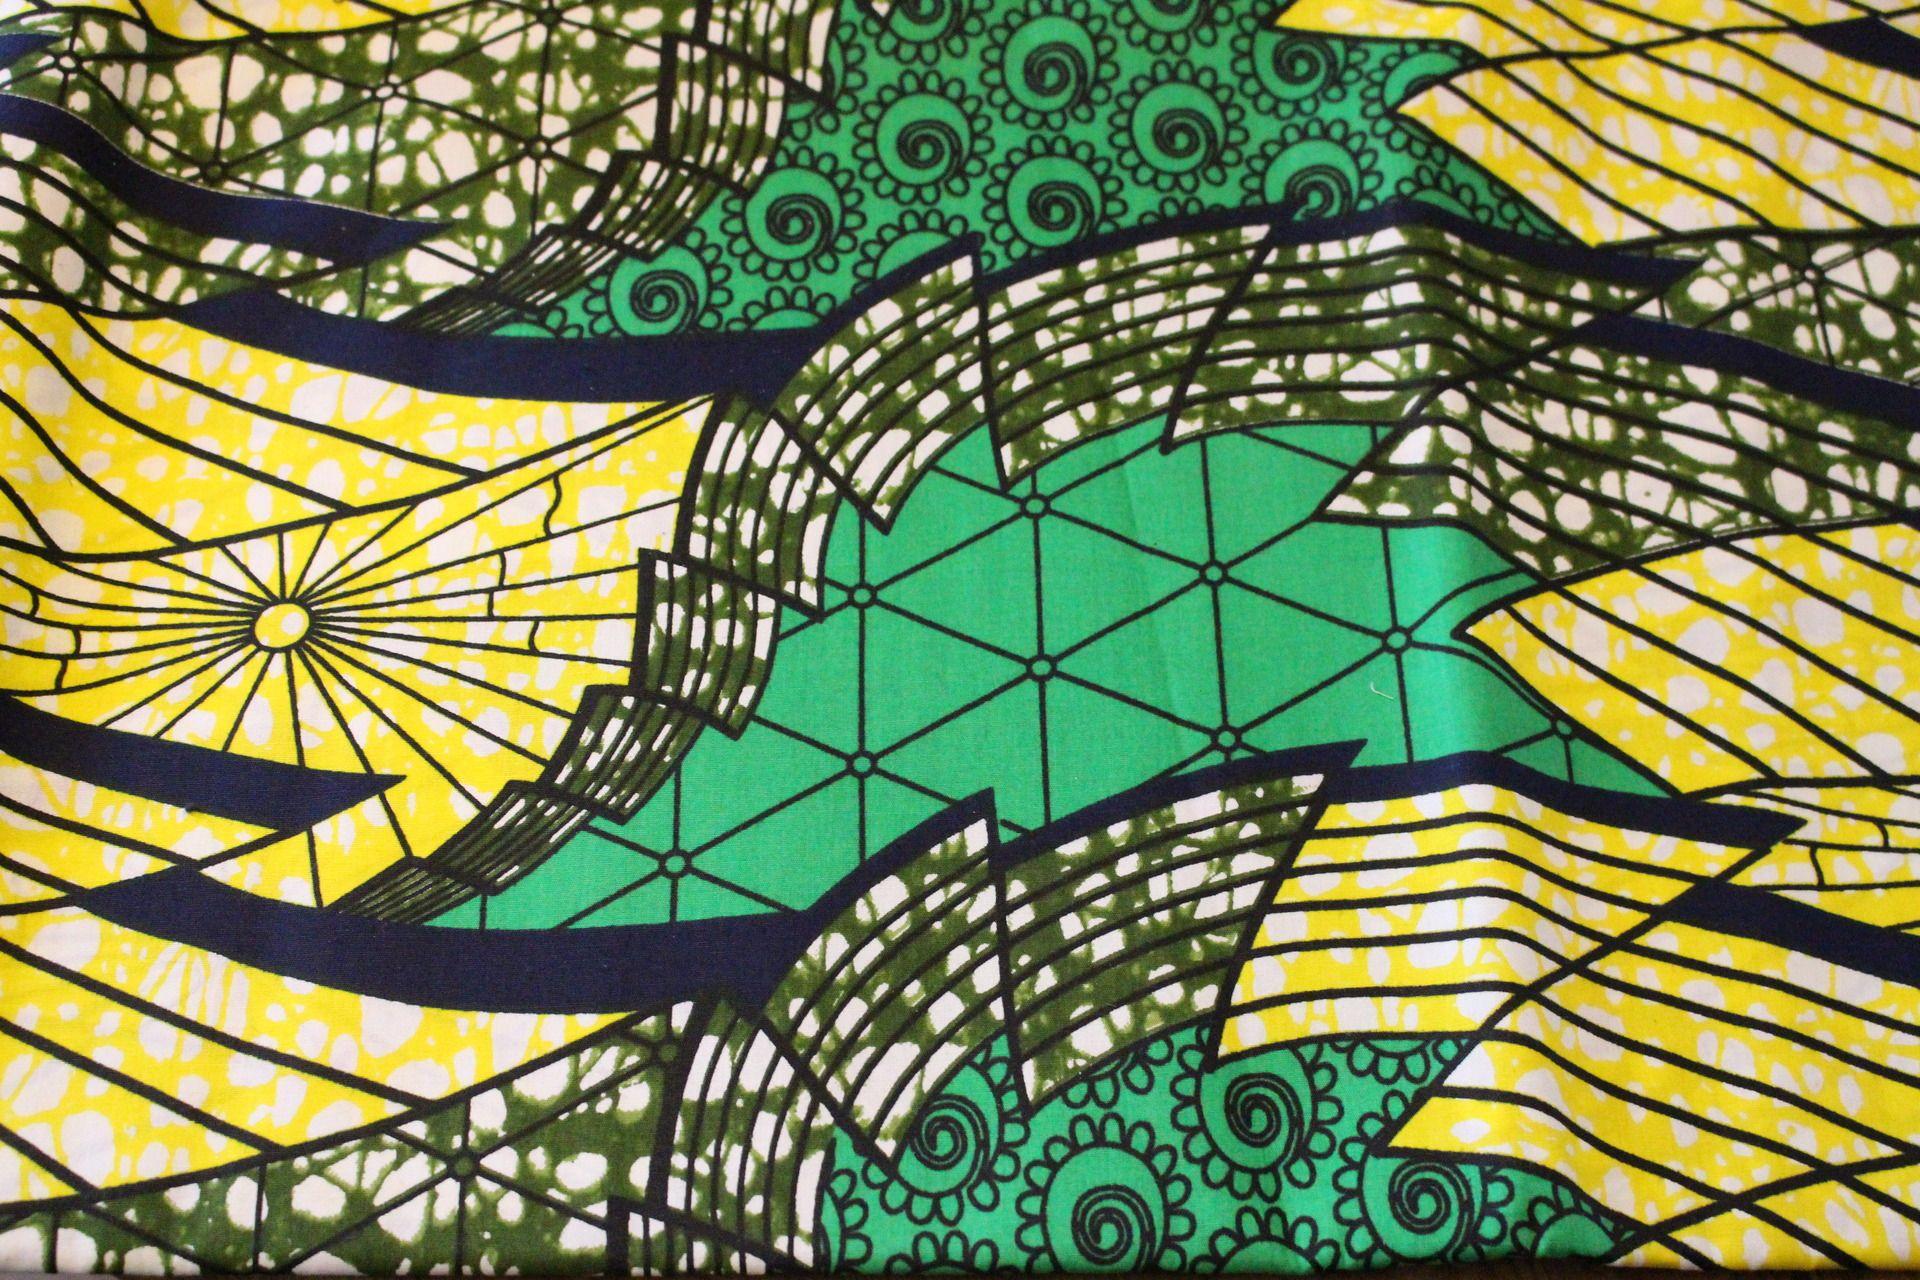 tissu africain vert